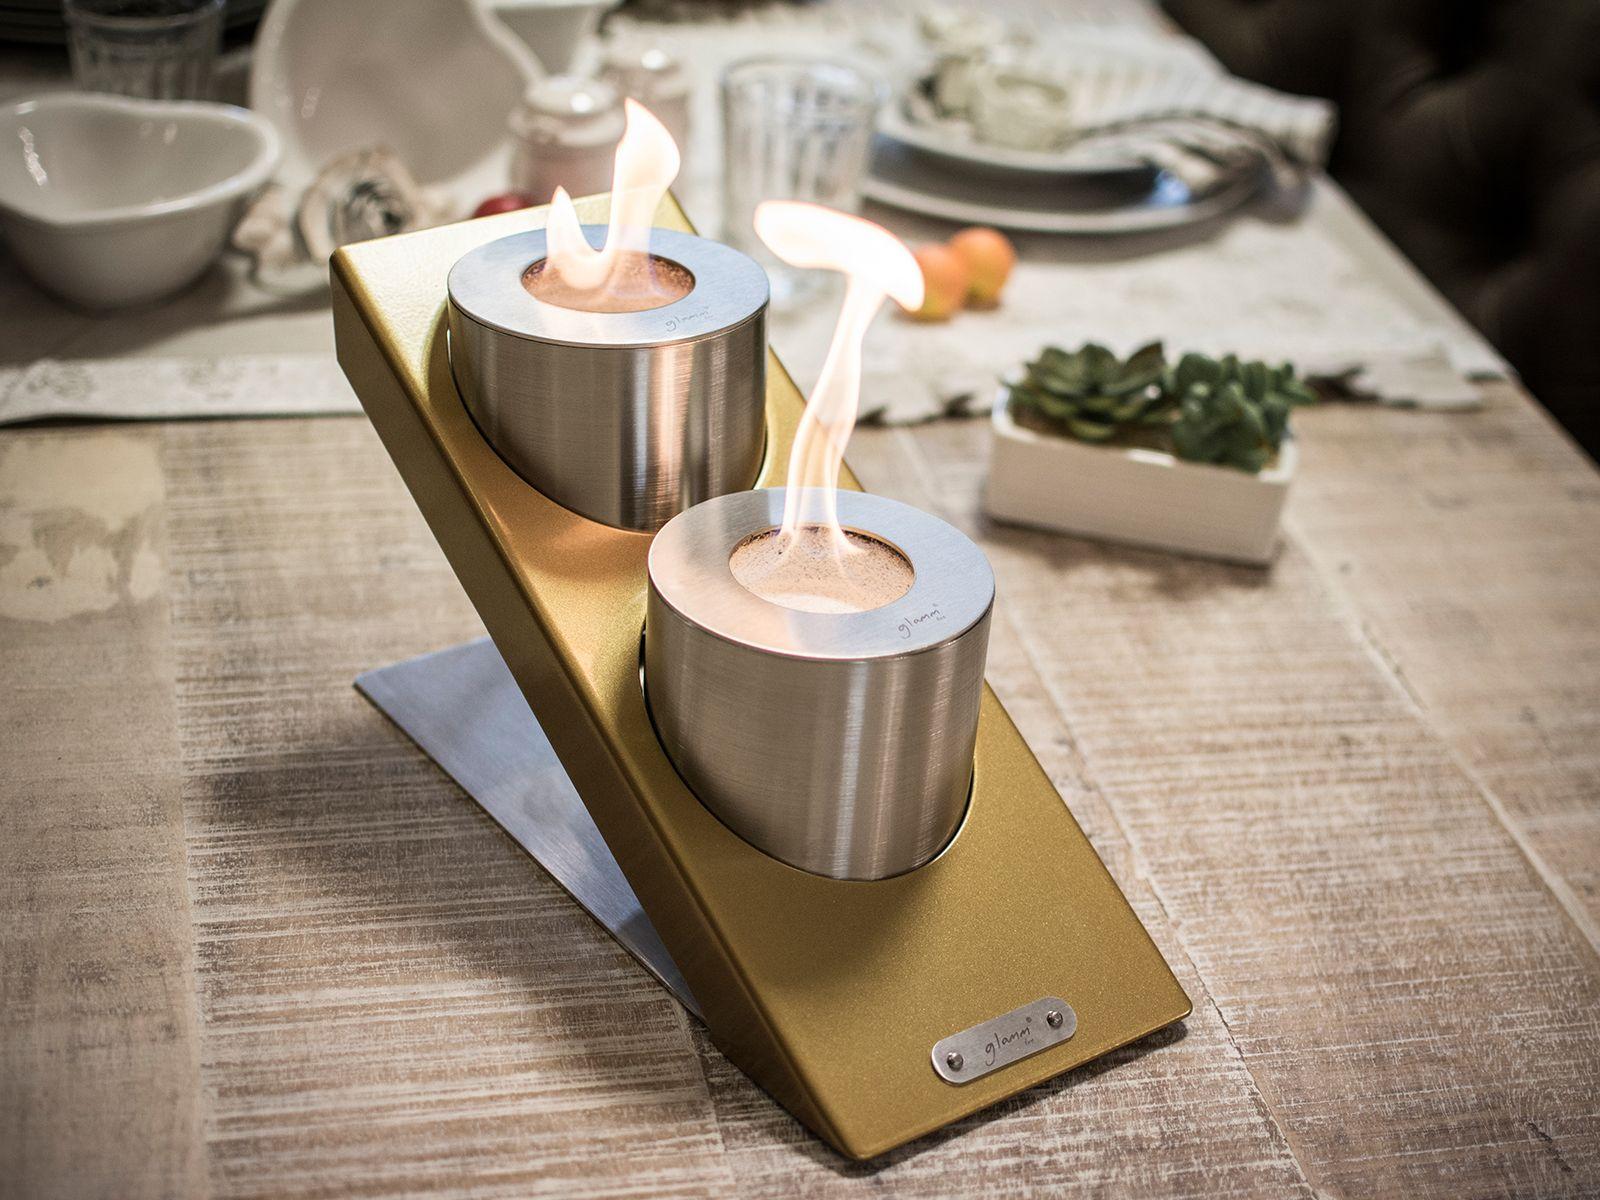 Caminetto da tavolo in acciaio a bioetanolo oblique - Caminetto da tavolo bioetanolo ...